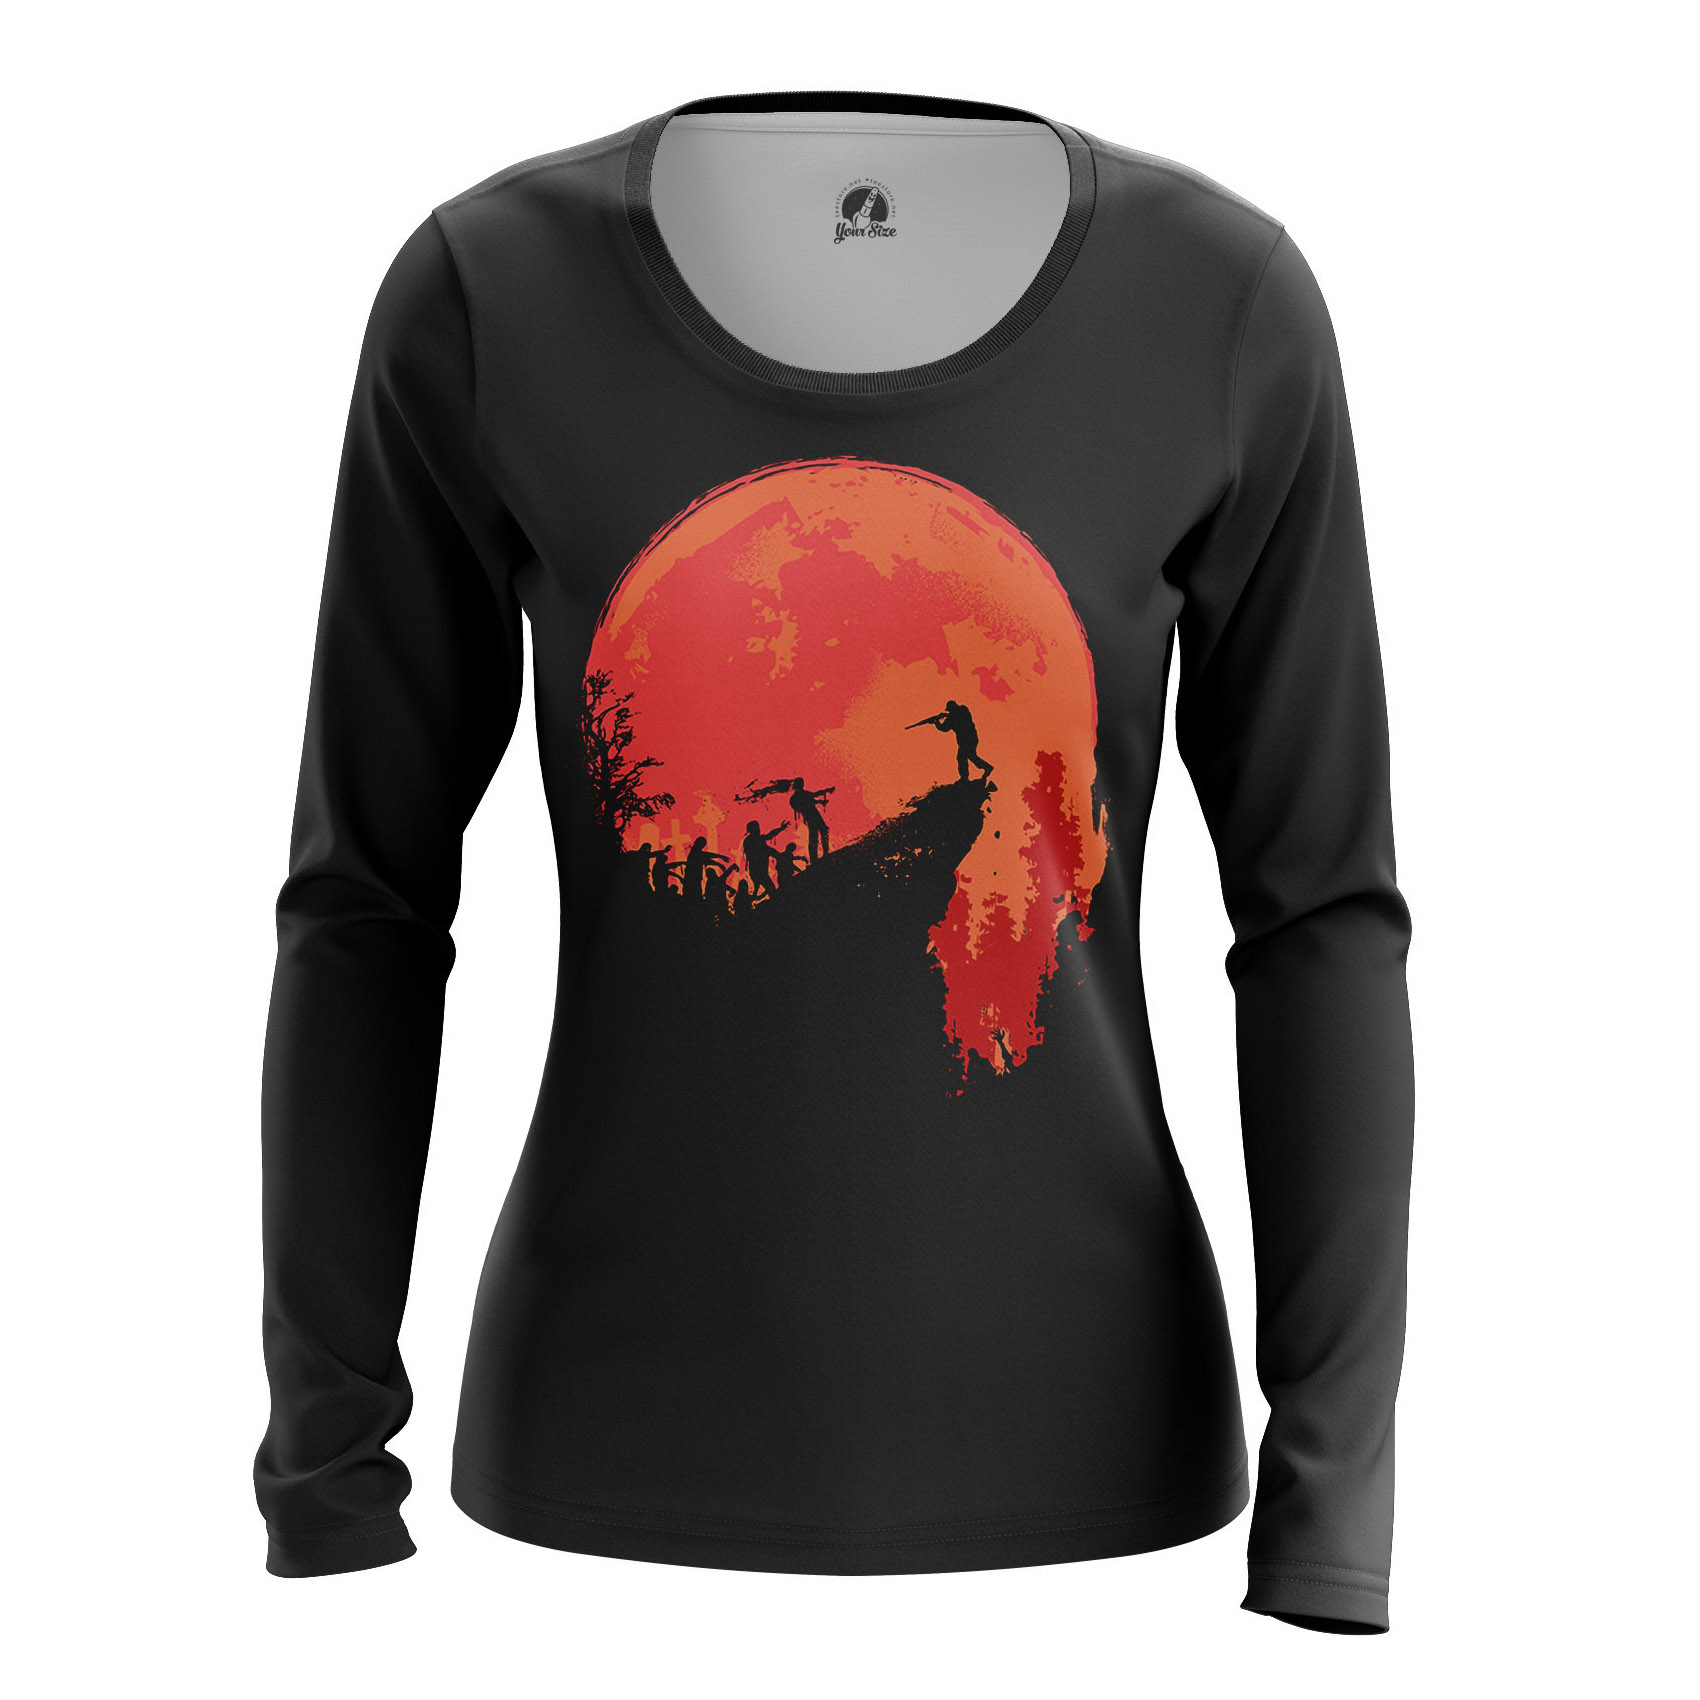 Merch Women'S Raglan Hunt Zombie Red Moon